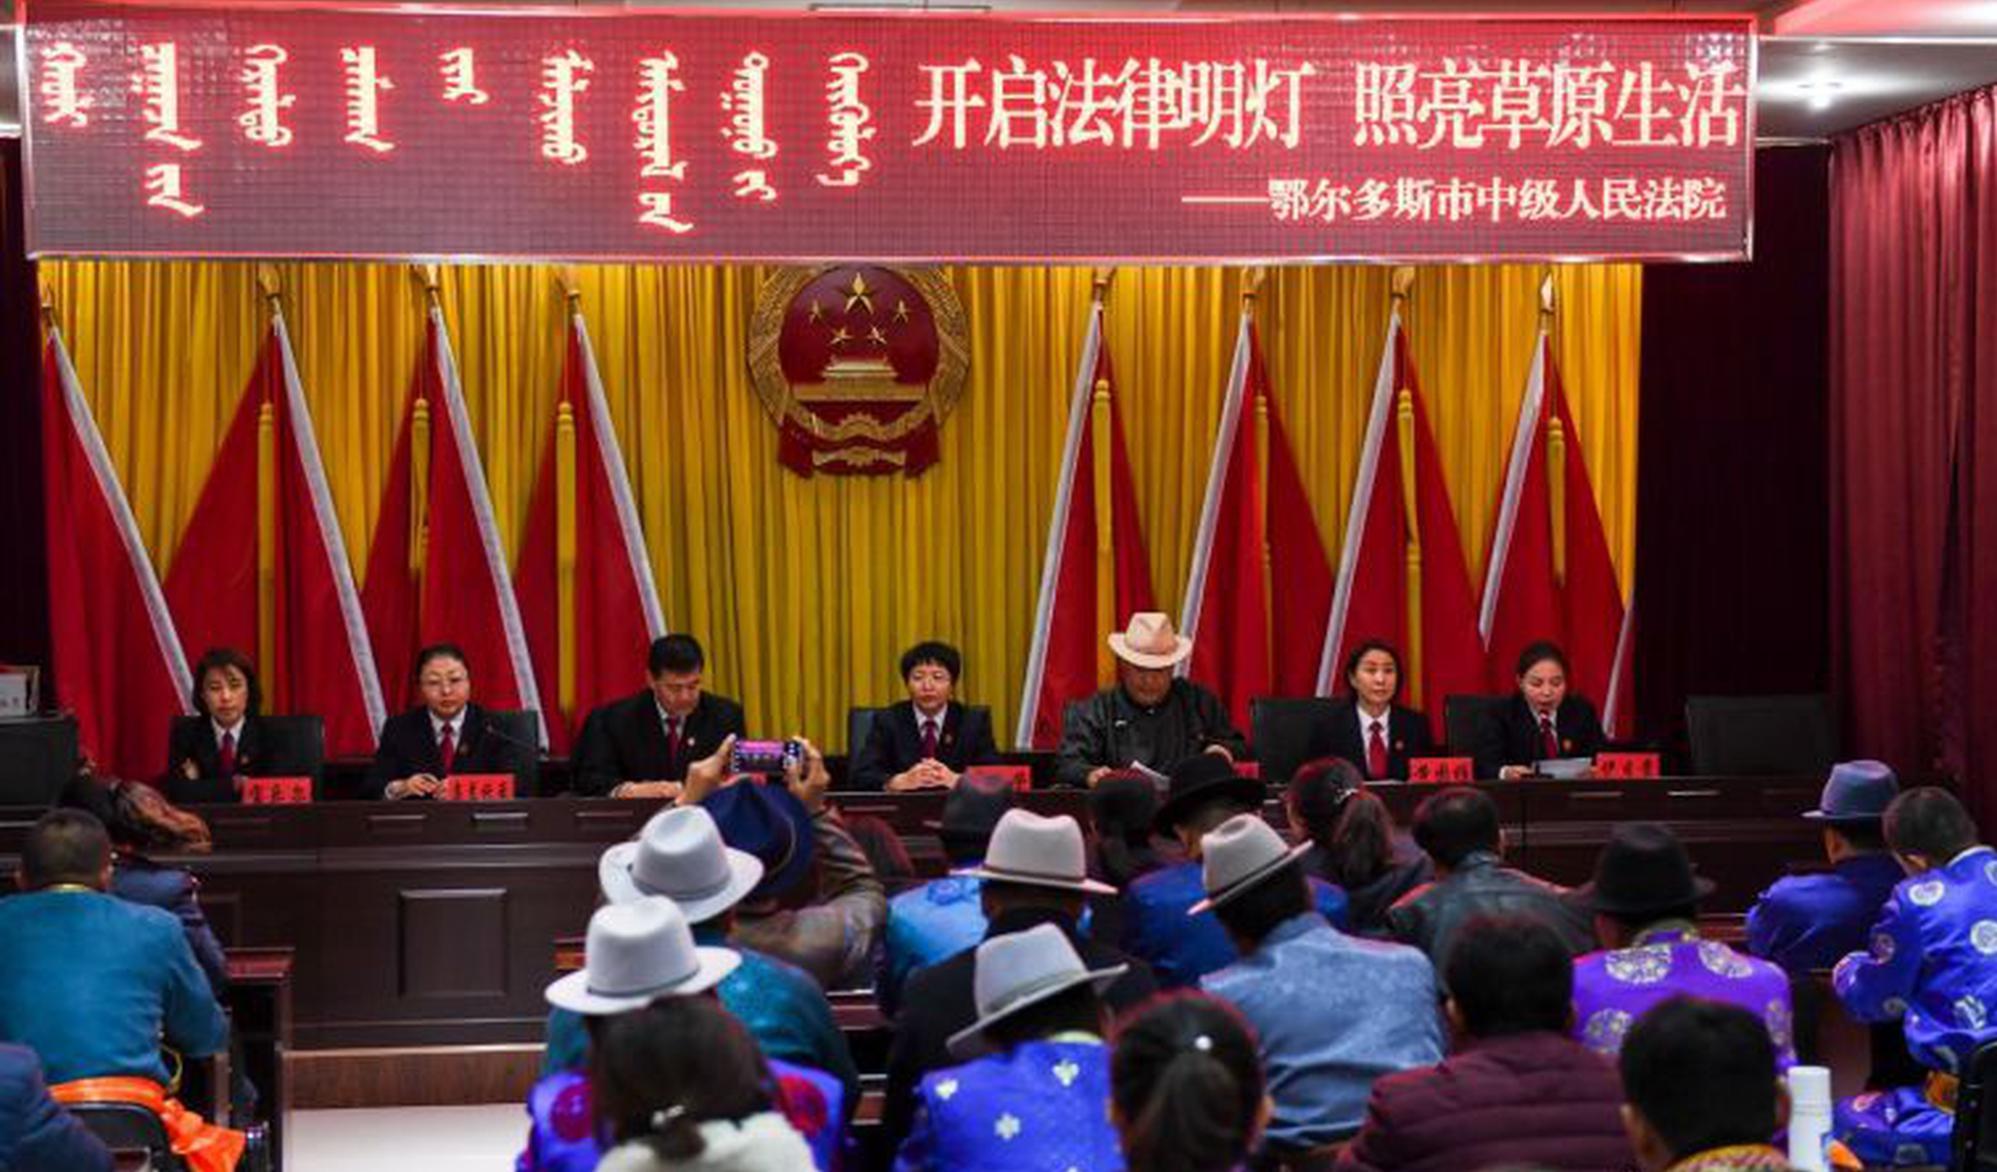 蒙汉双语法官送法进牧区